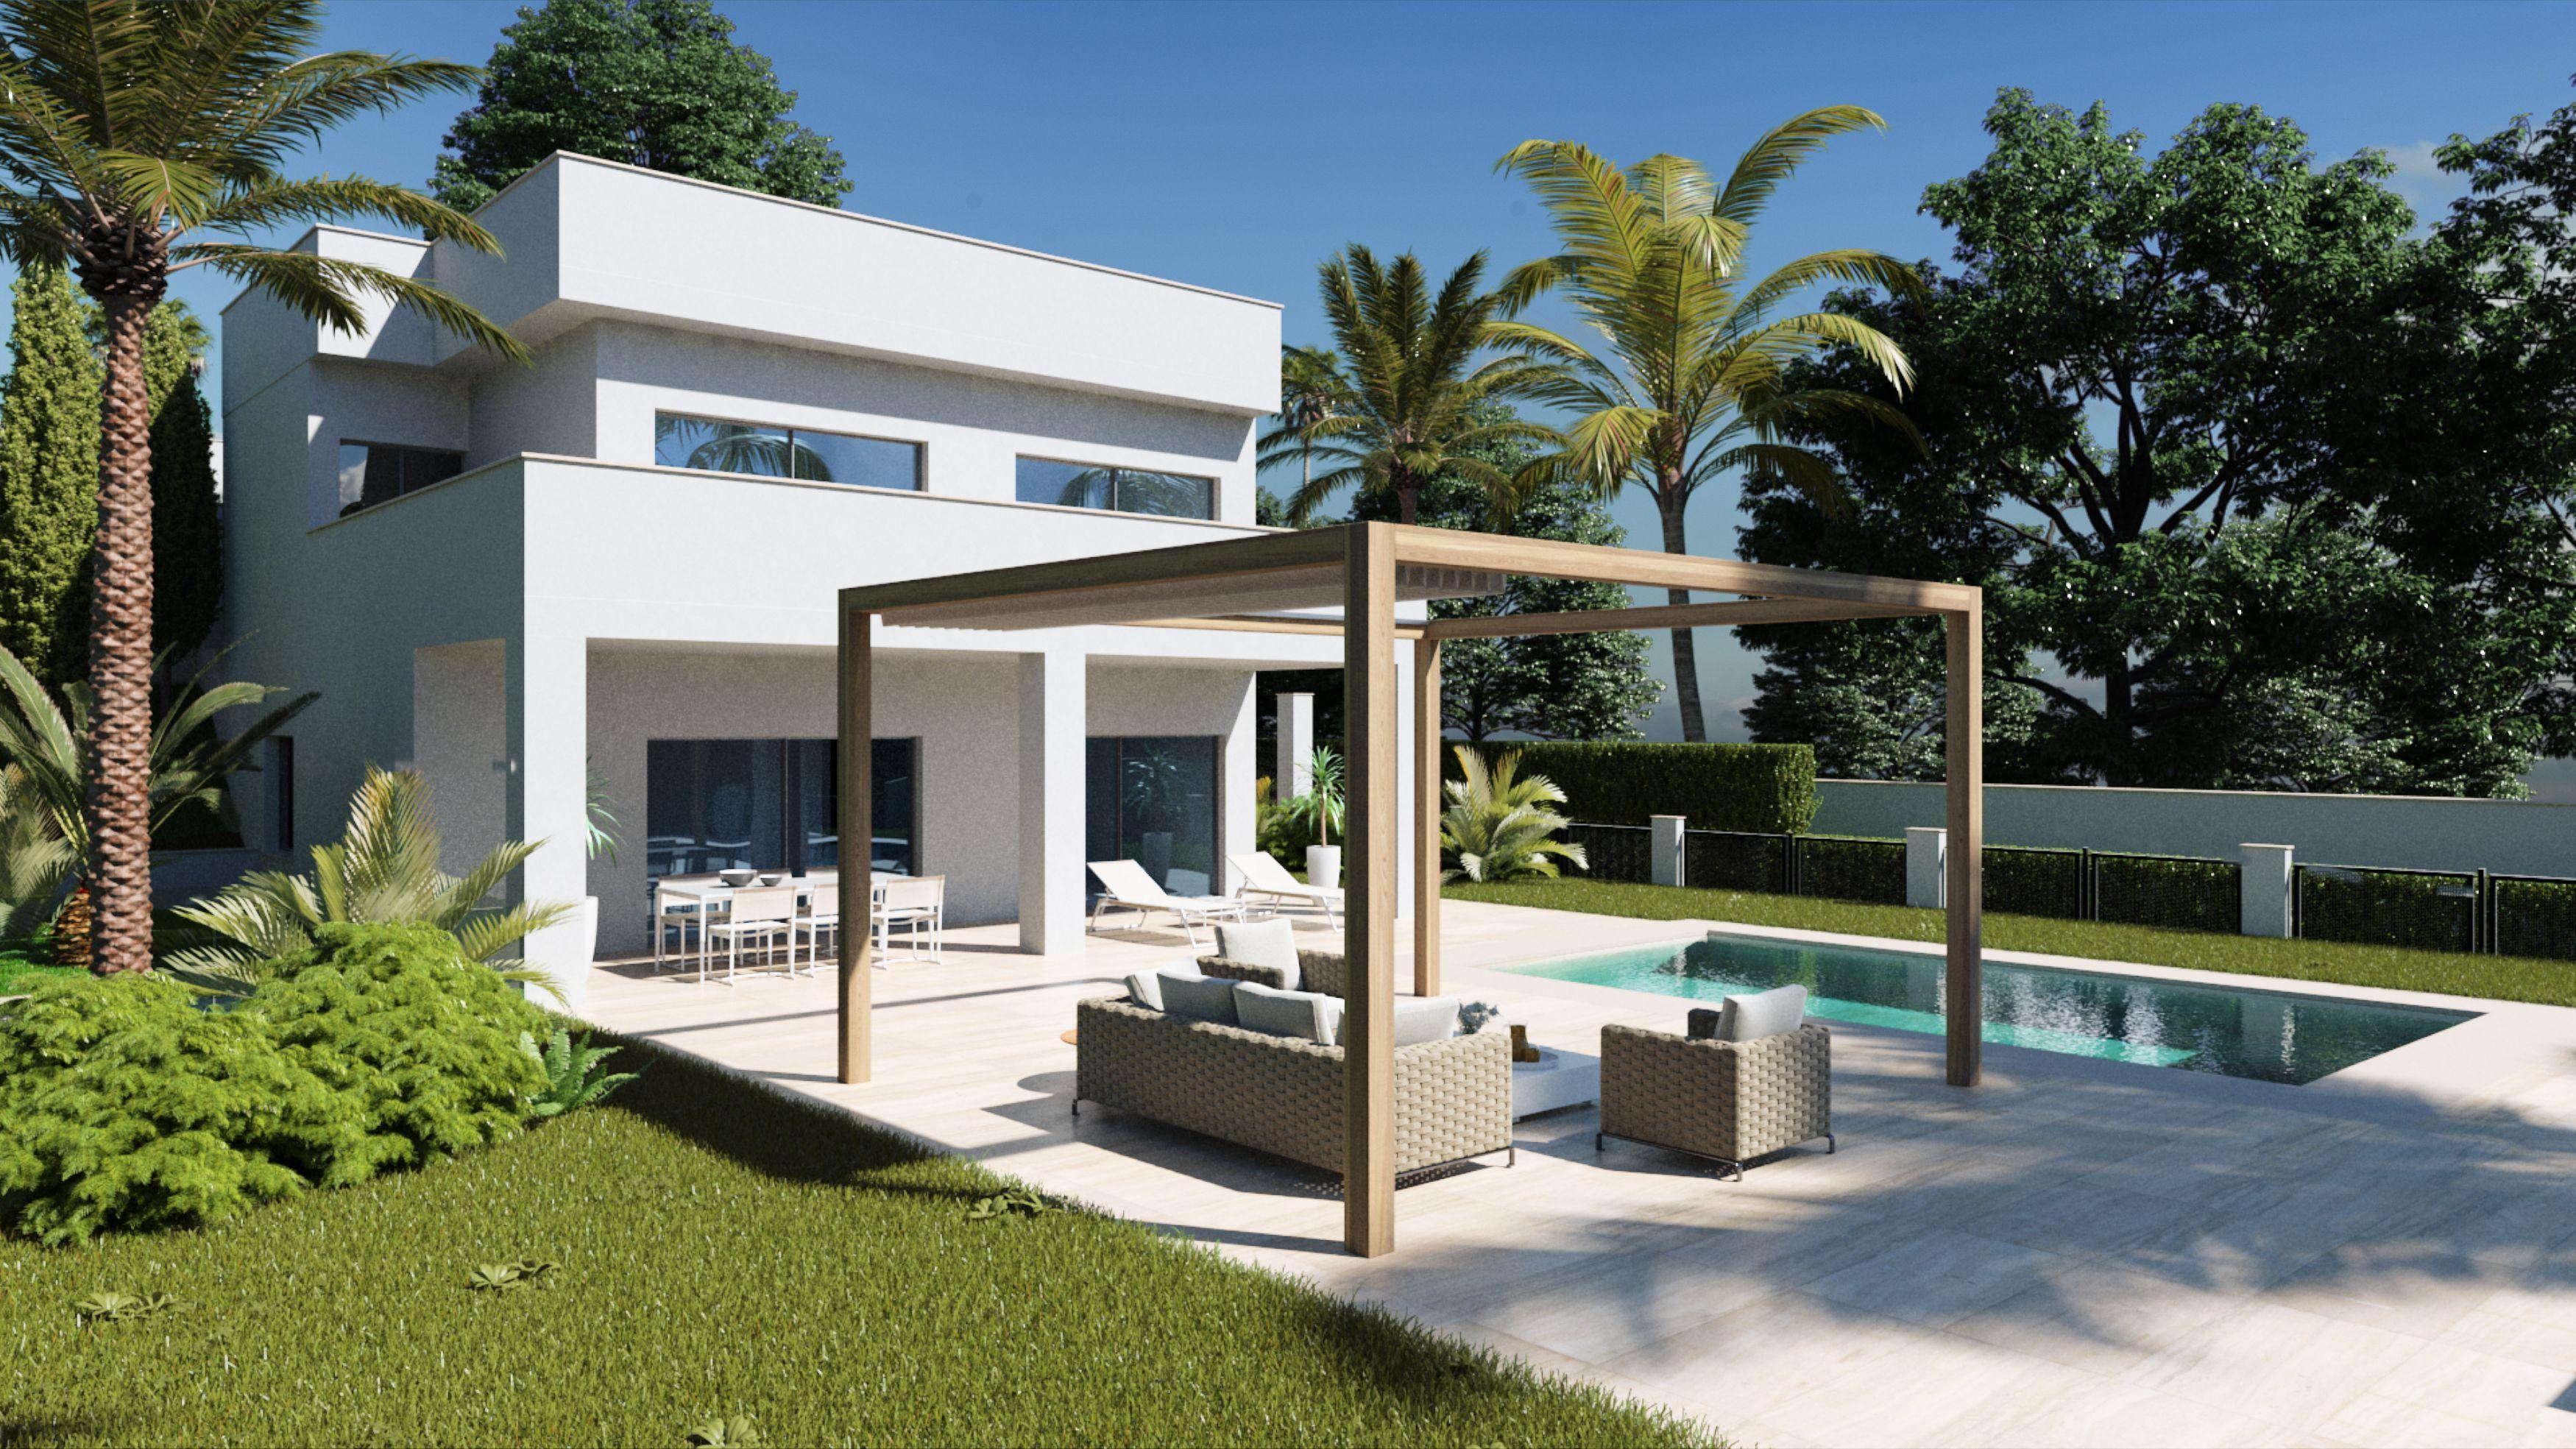 porche-casa-benalmadena-arquitectura-exterior